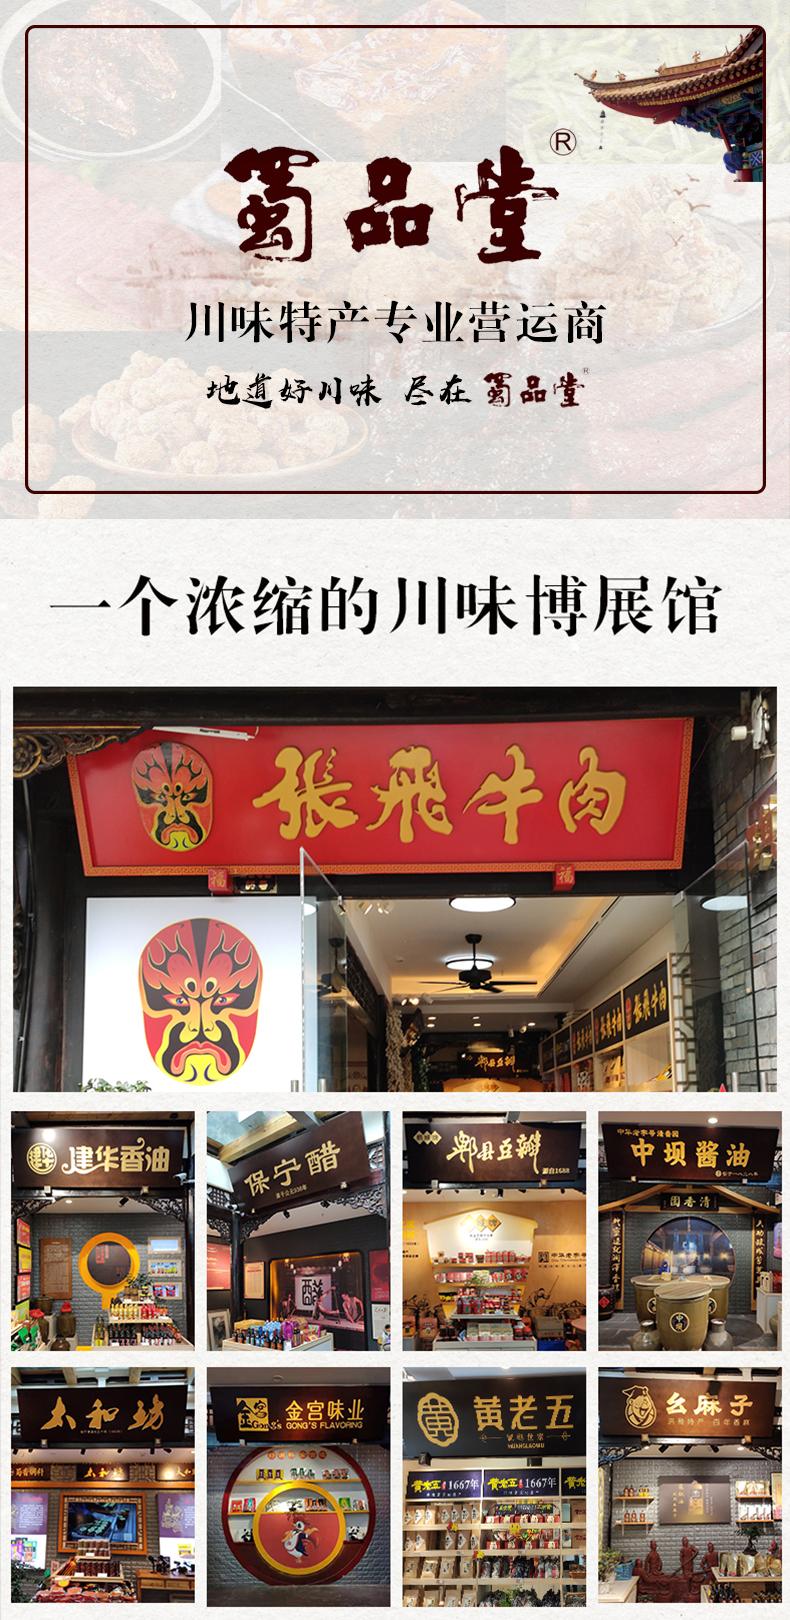 蜀品堂 鹃城牌郫县一级豆瓣酱一年陈酿1000g川菜家用调味品(图1)